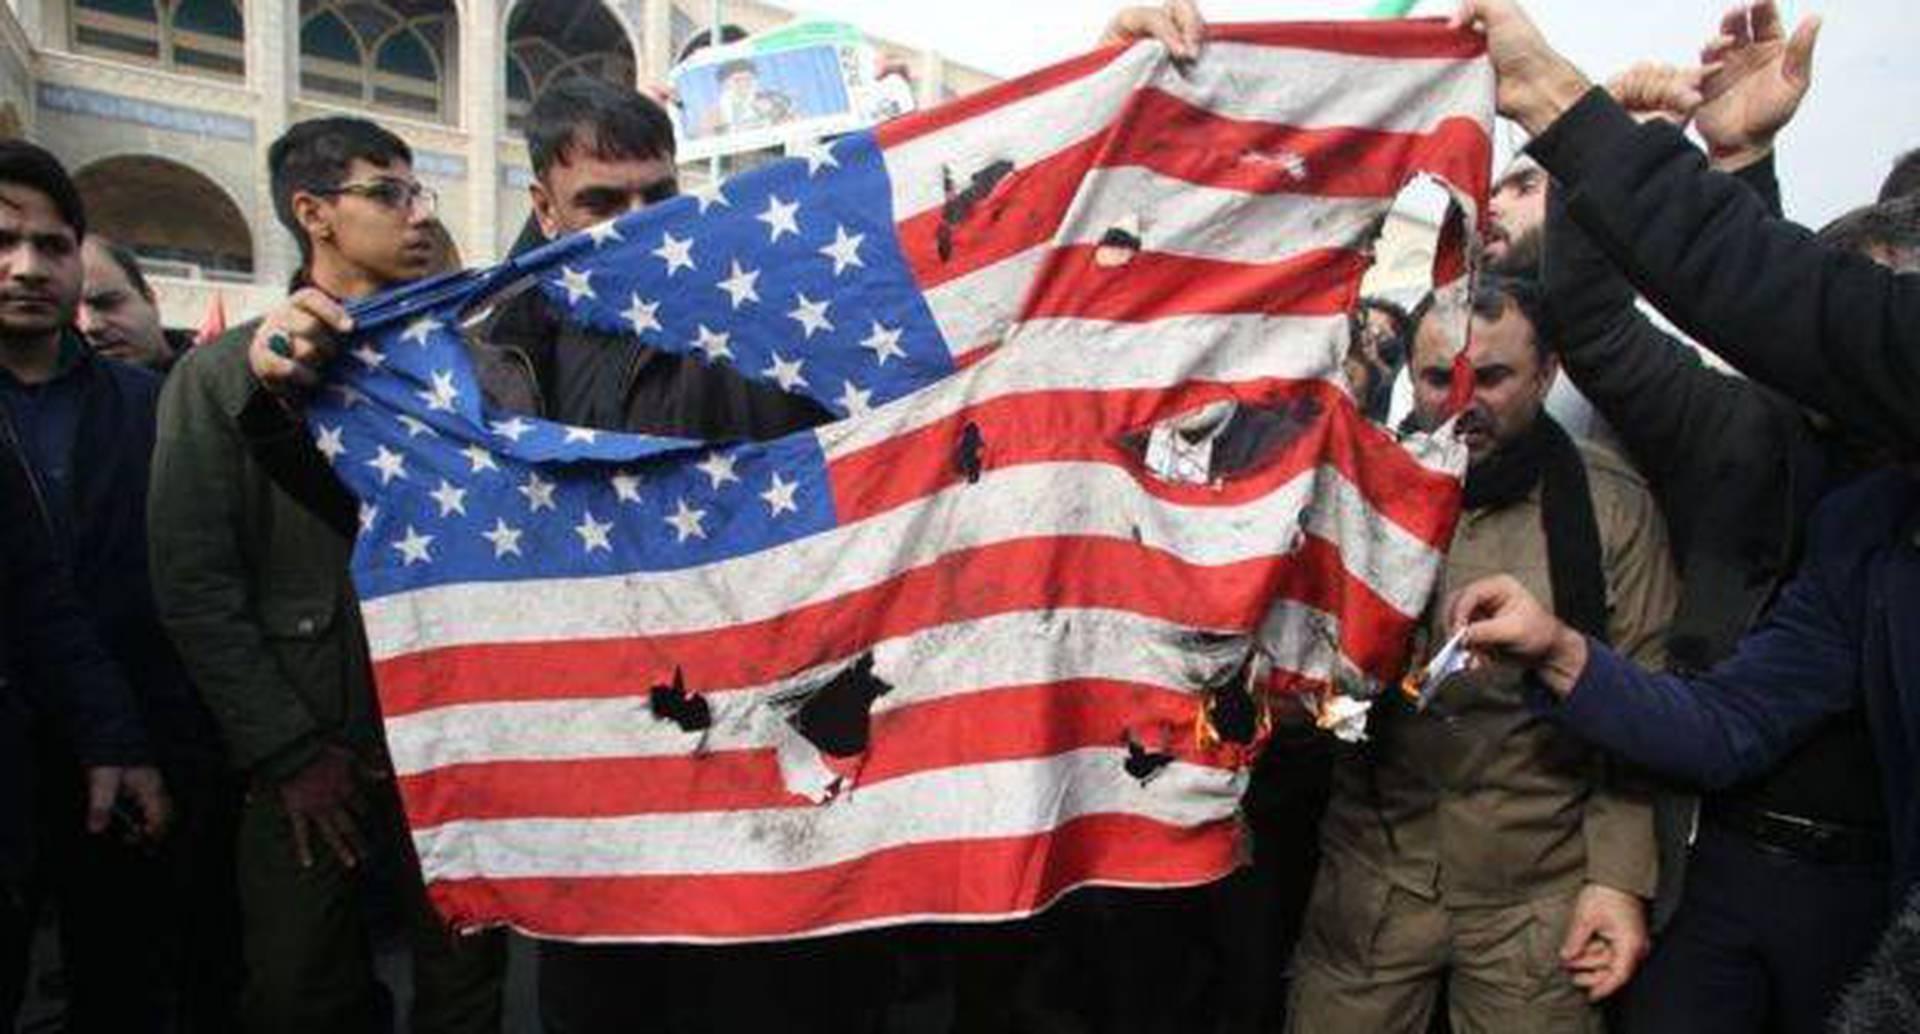 El odio hacia Estados Unidos en Irán se agudizó luego del ataque a Soleimani en Irak.